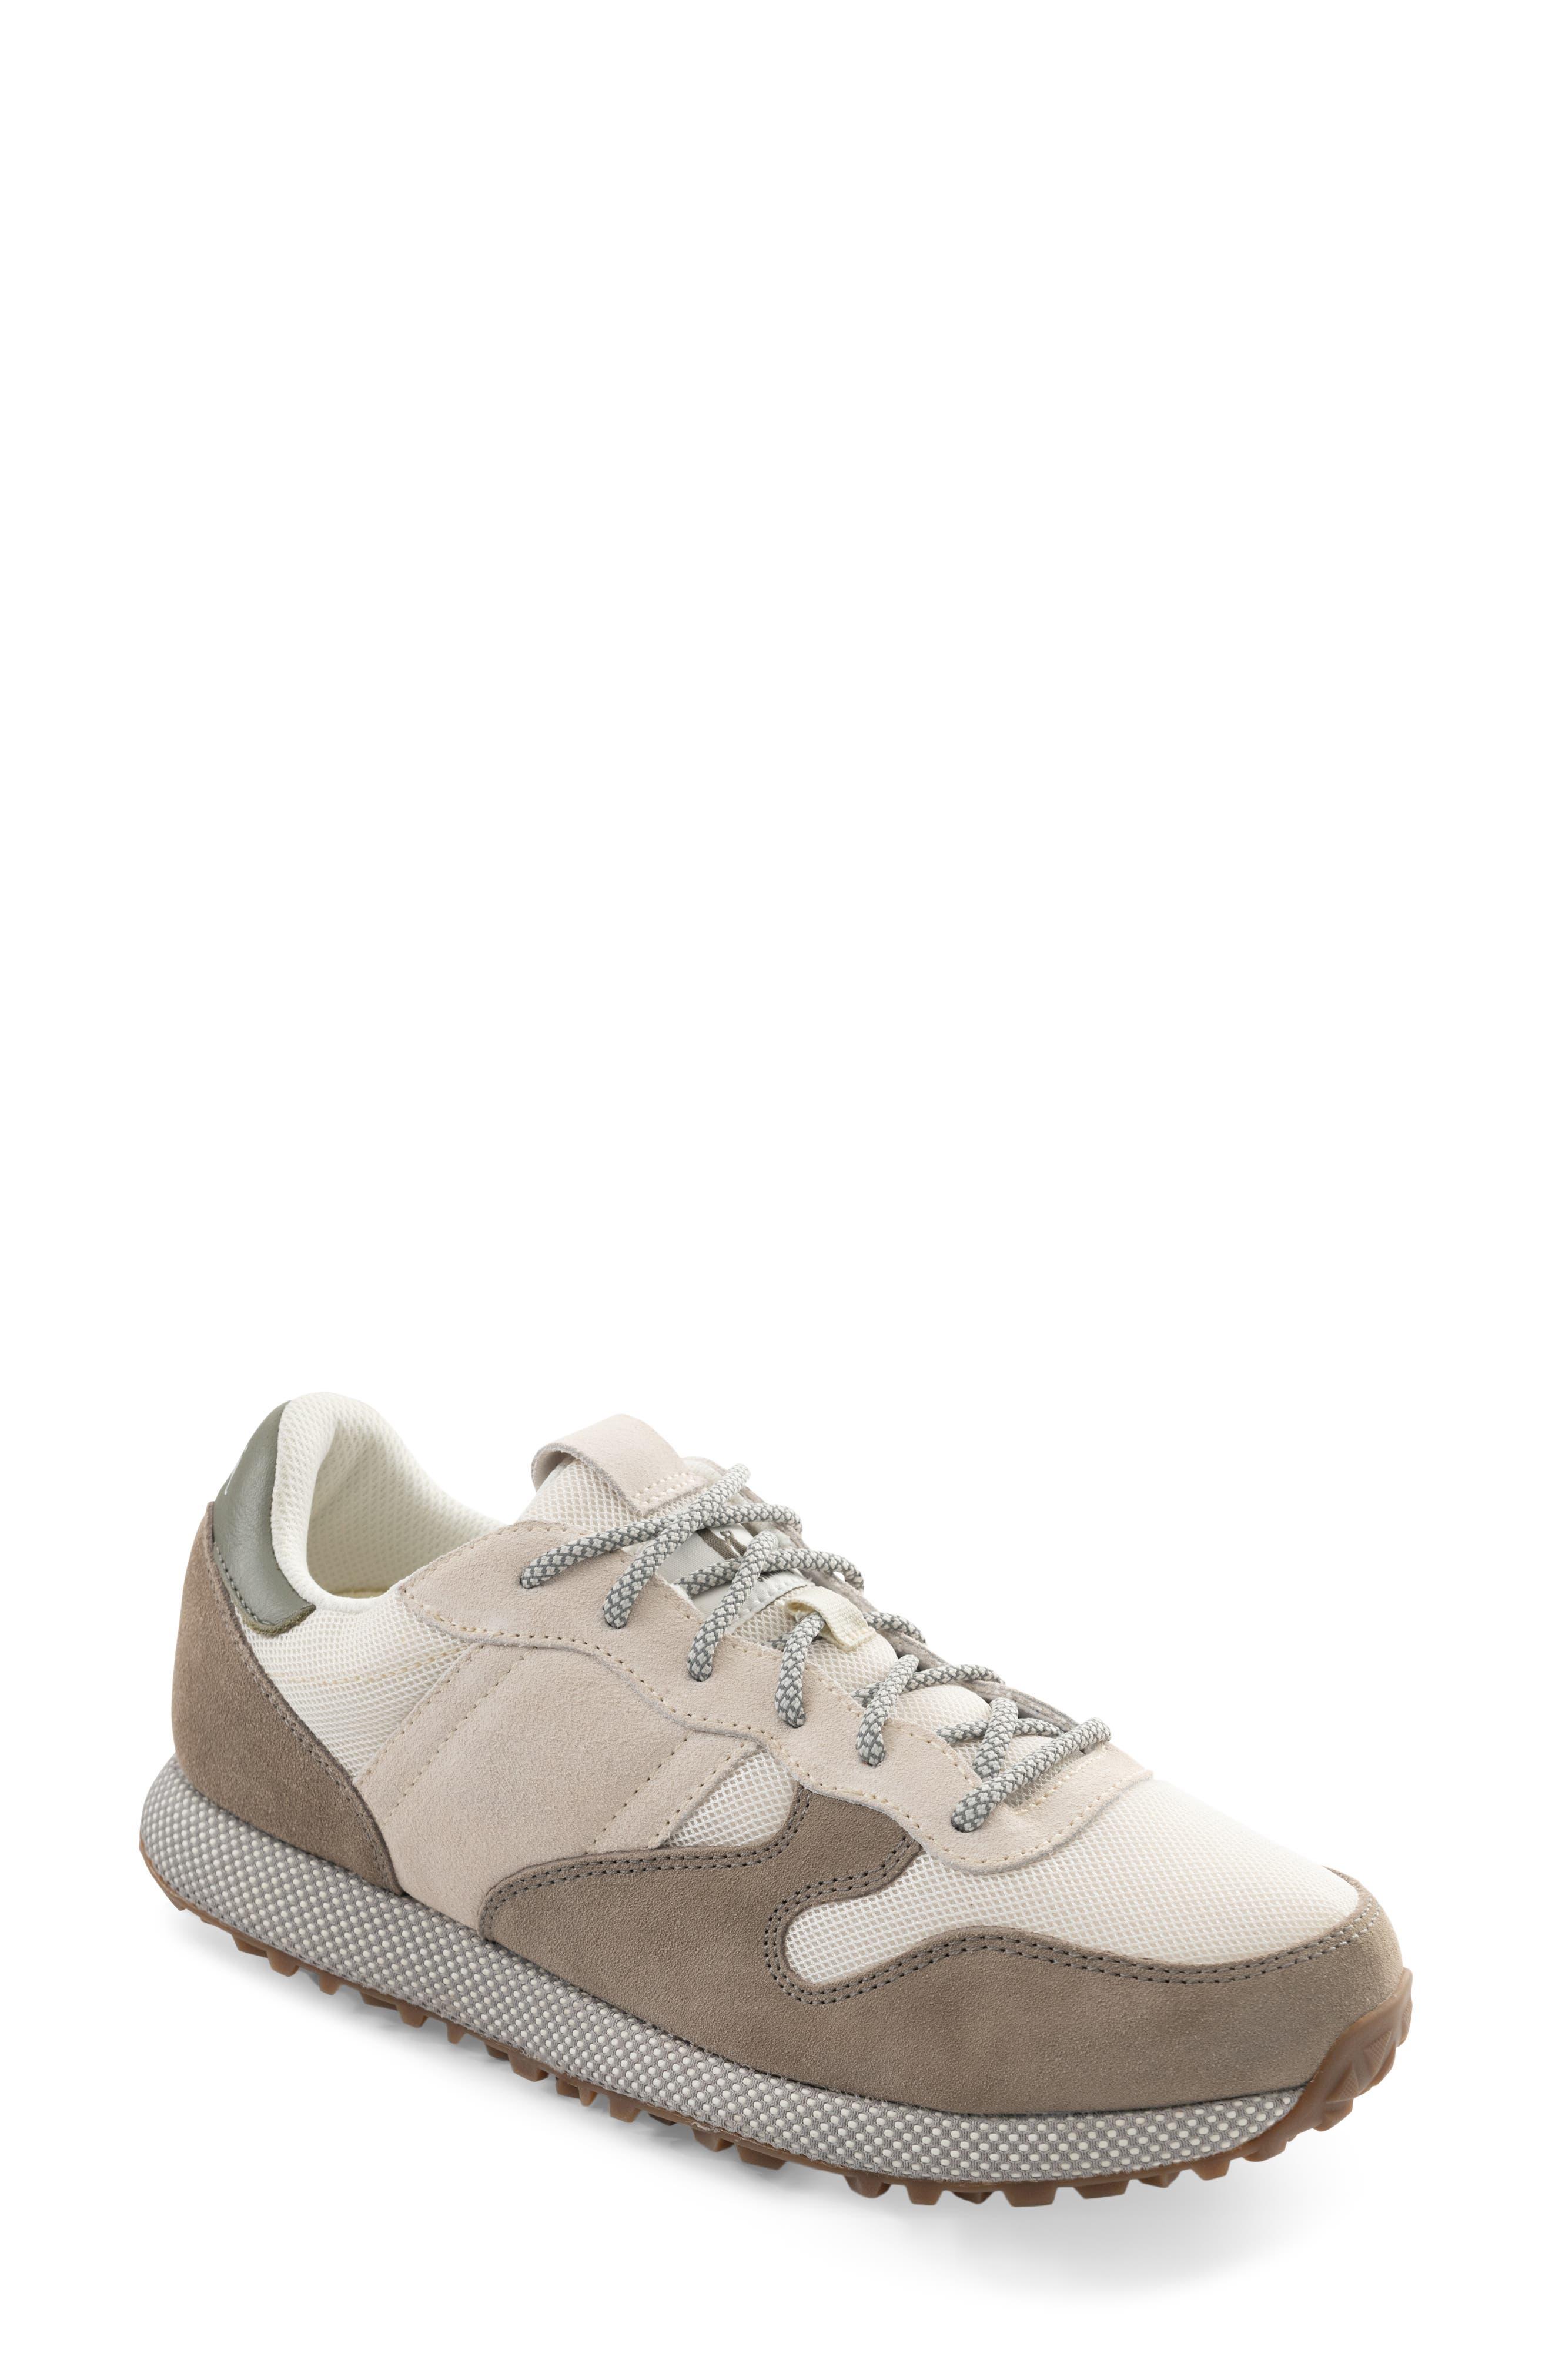 Range Runner Hybrid Golf Sneaker